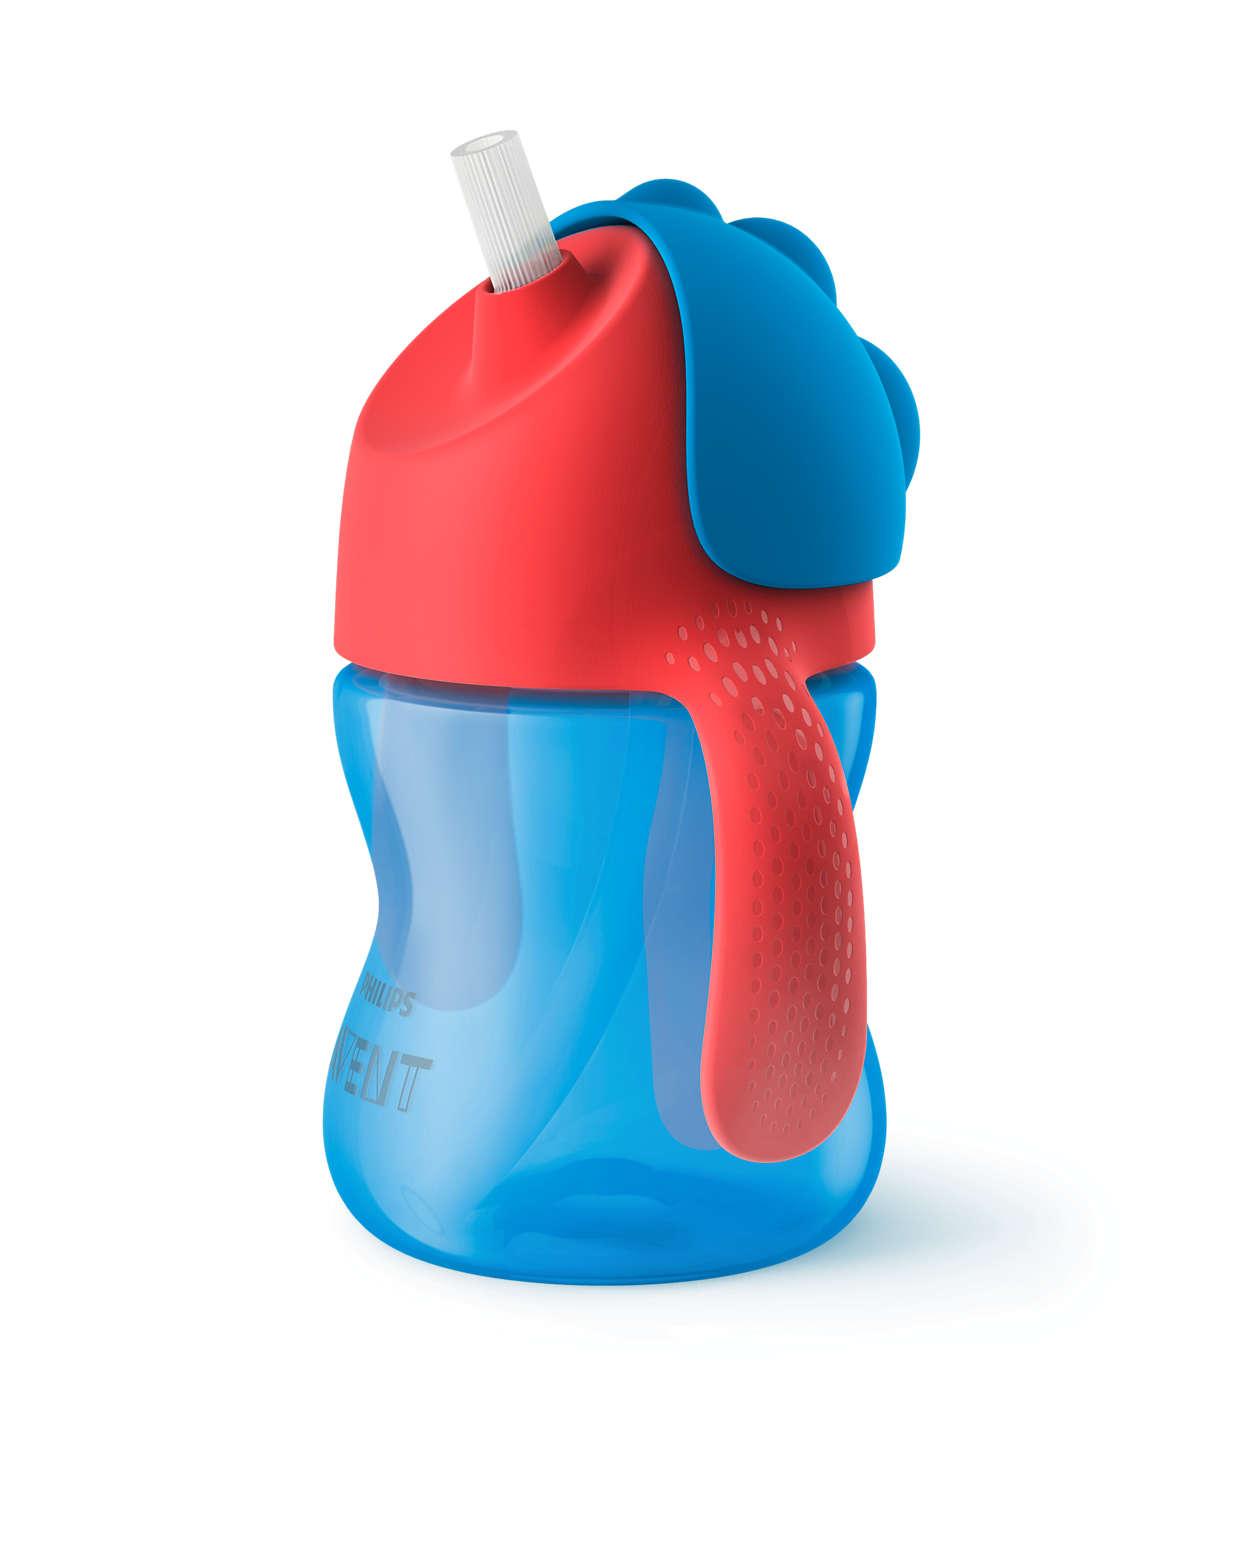 有利于口腔健康发育*